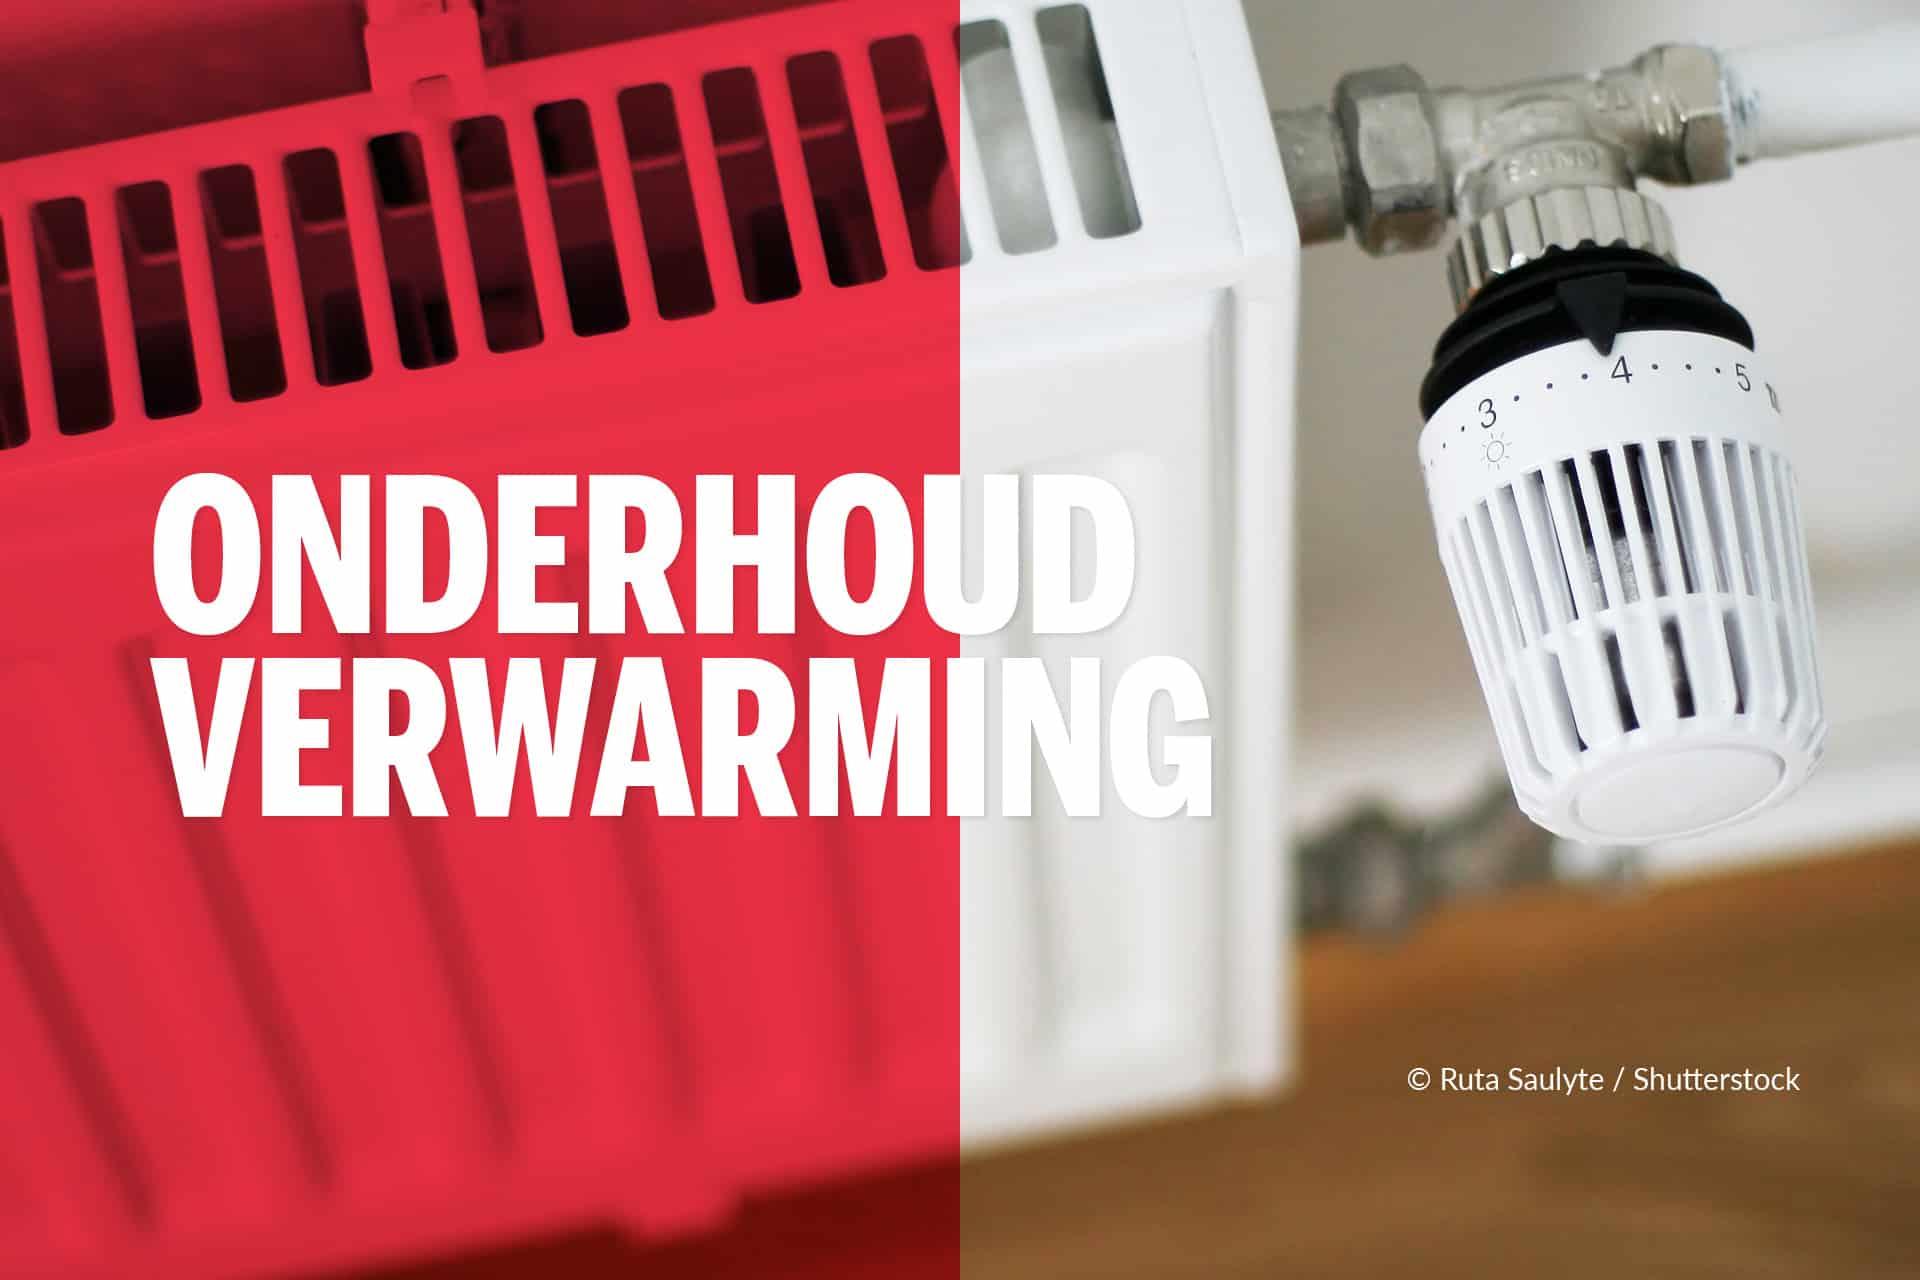 Verwarming onderhoud